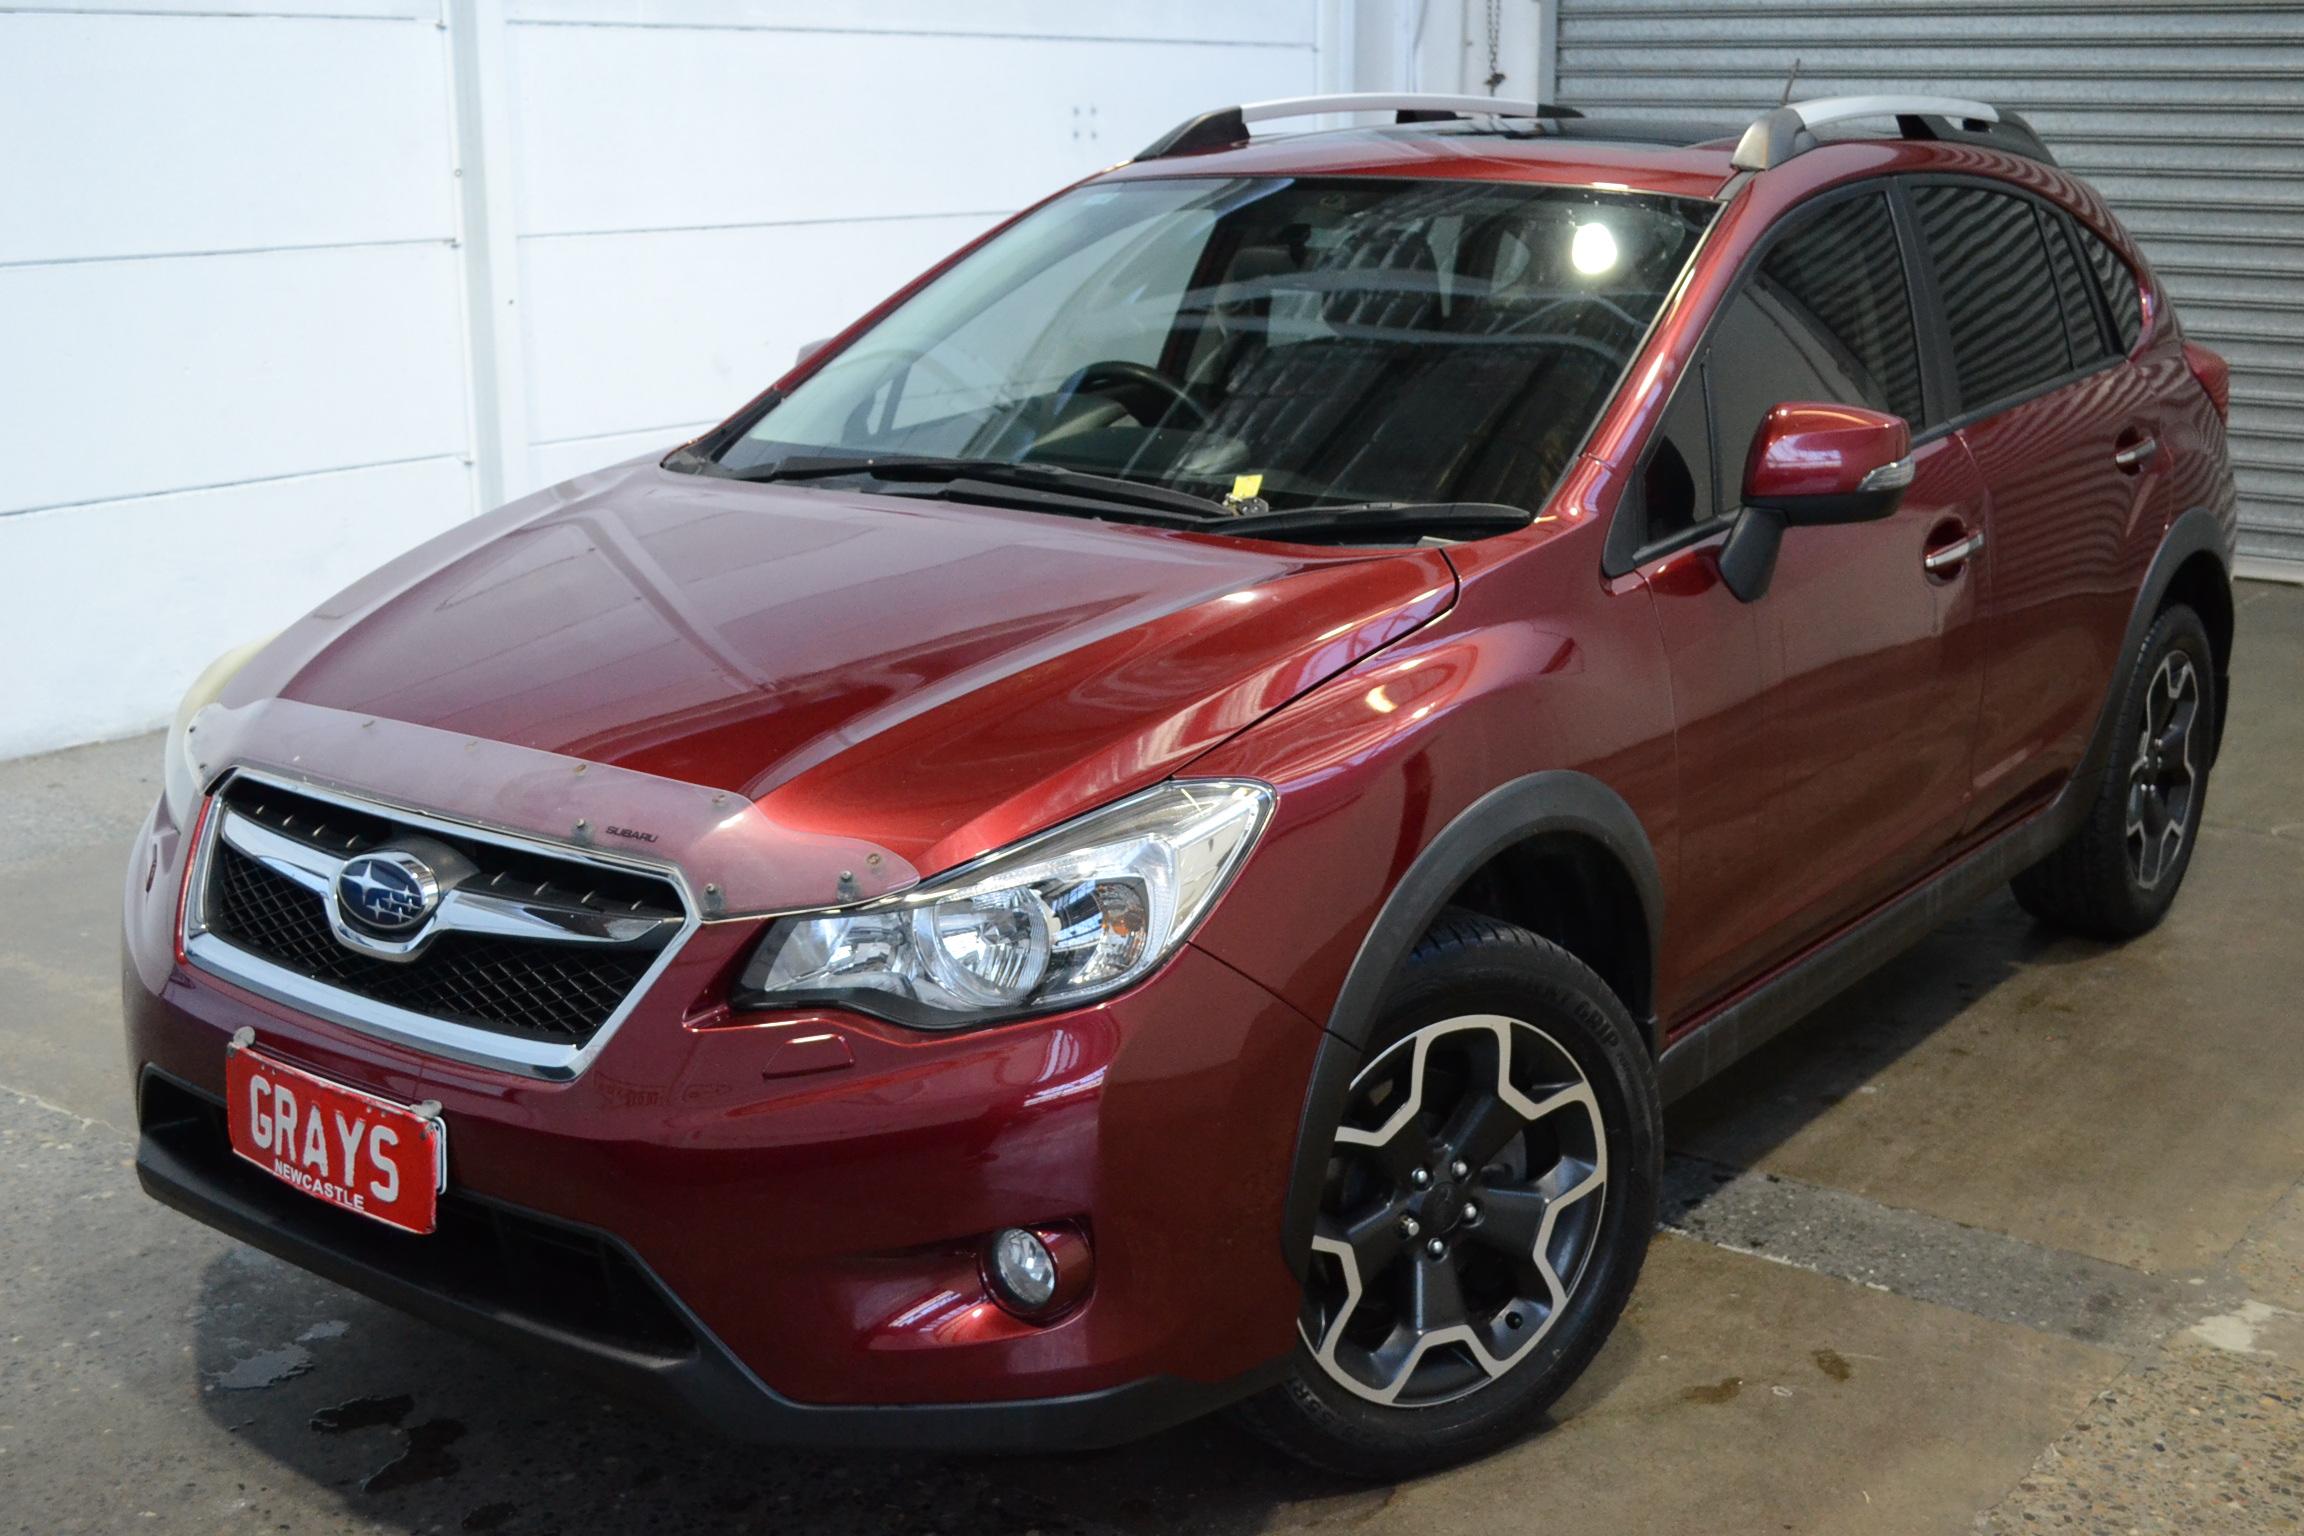 2012 Subaru XV 2.0i-S G4X CVT Hatchback